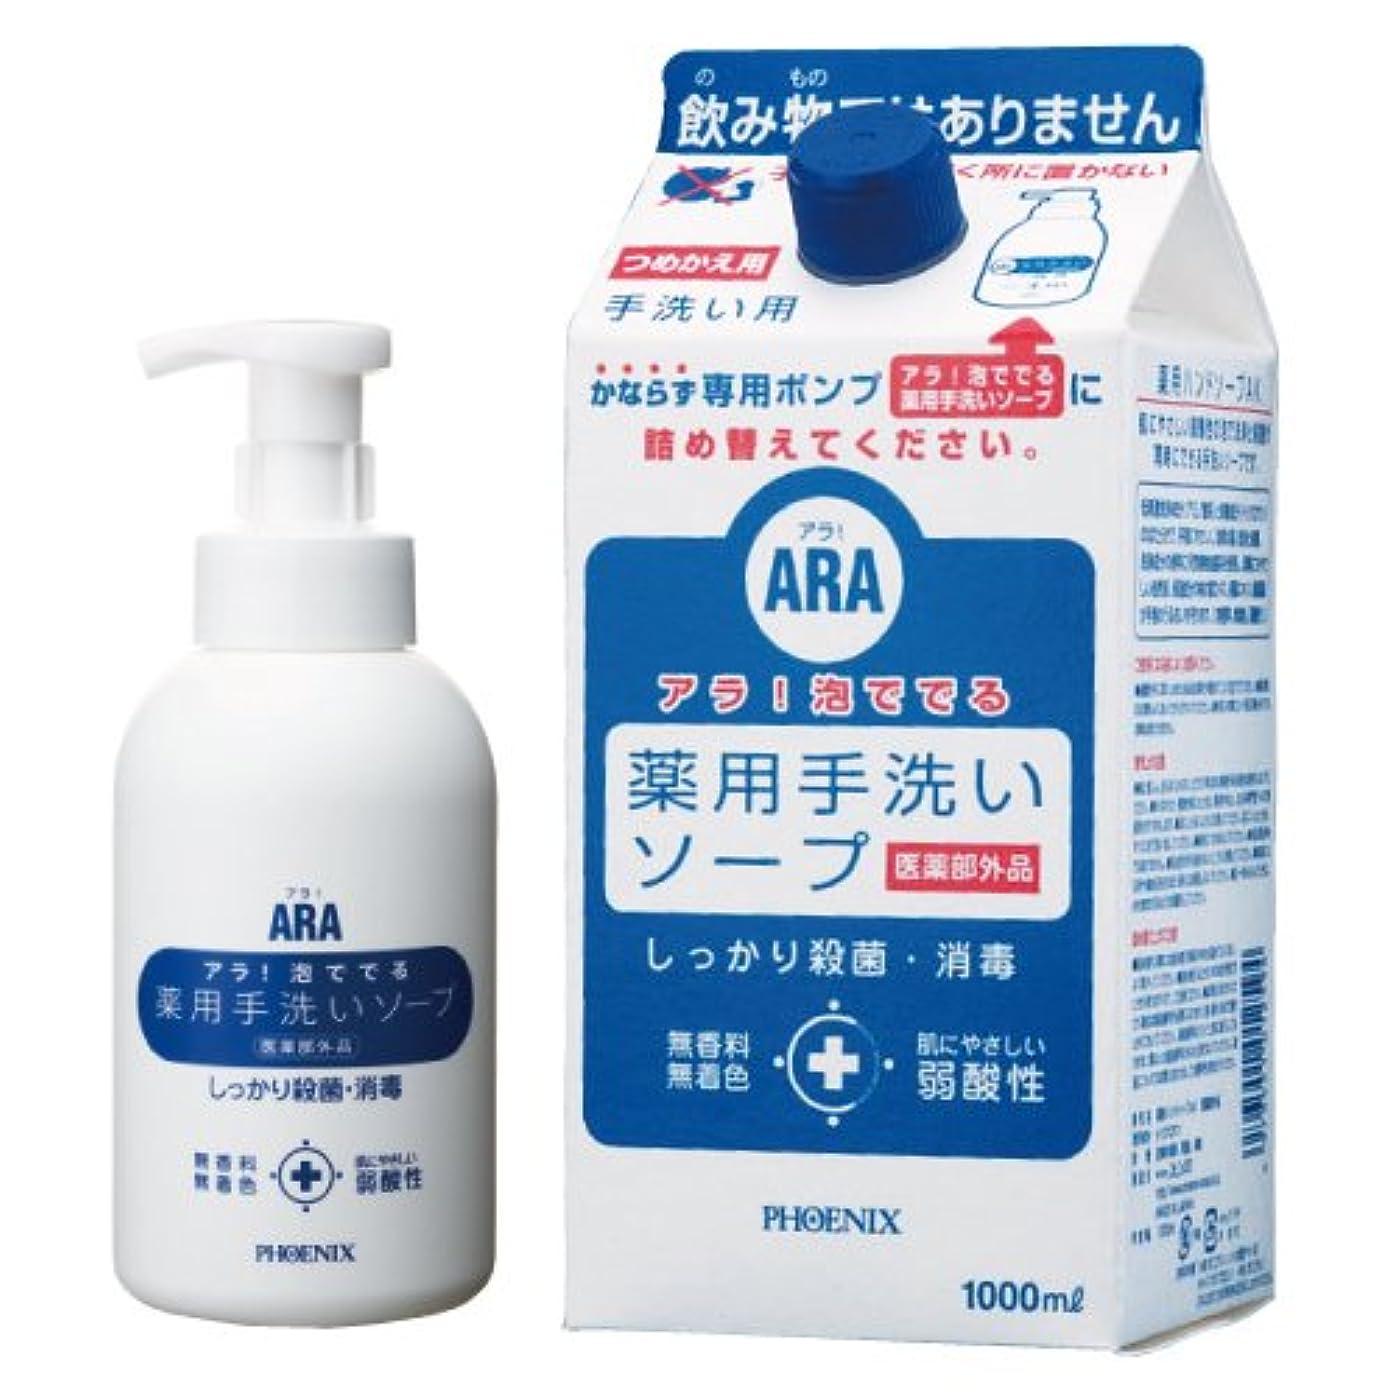 ブリード空空中アラ!泡ででる薬用手洗いソープ 500MLX15?????????????????????(23-2870-00)